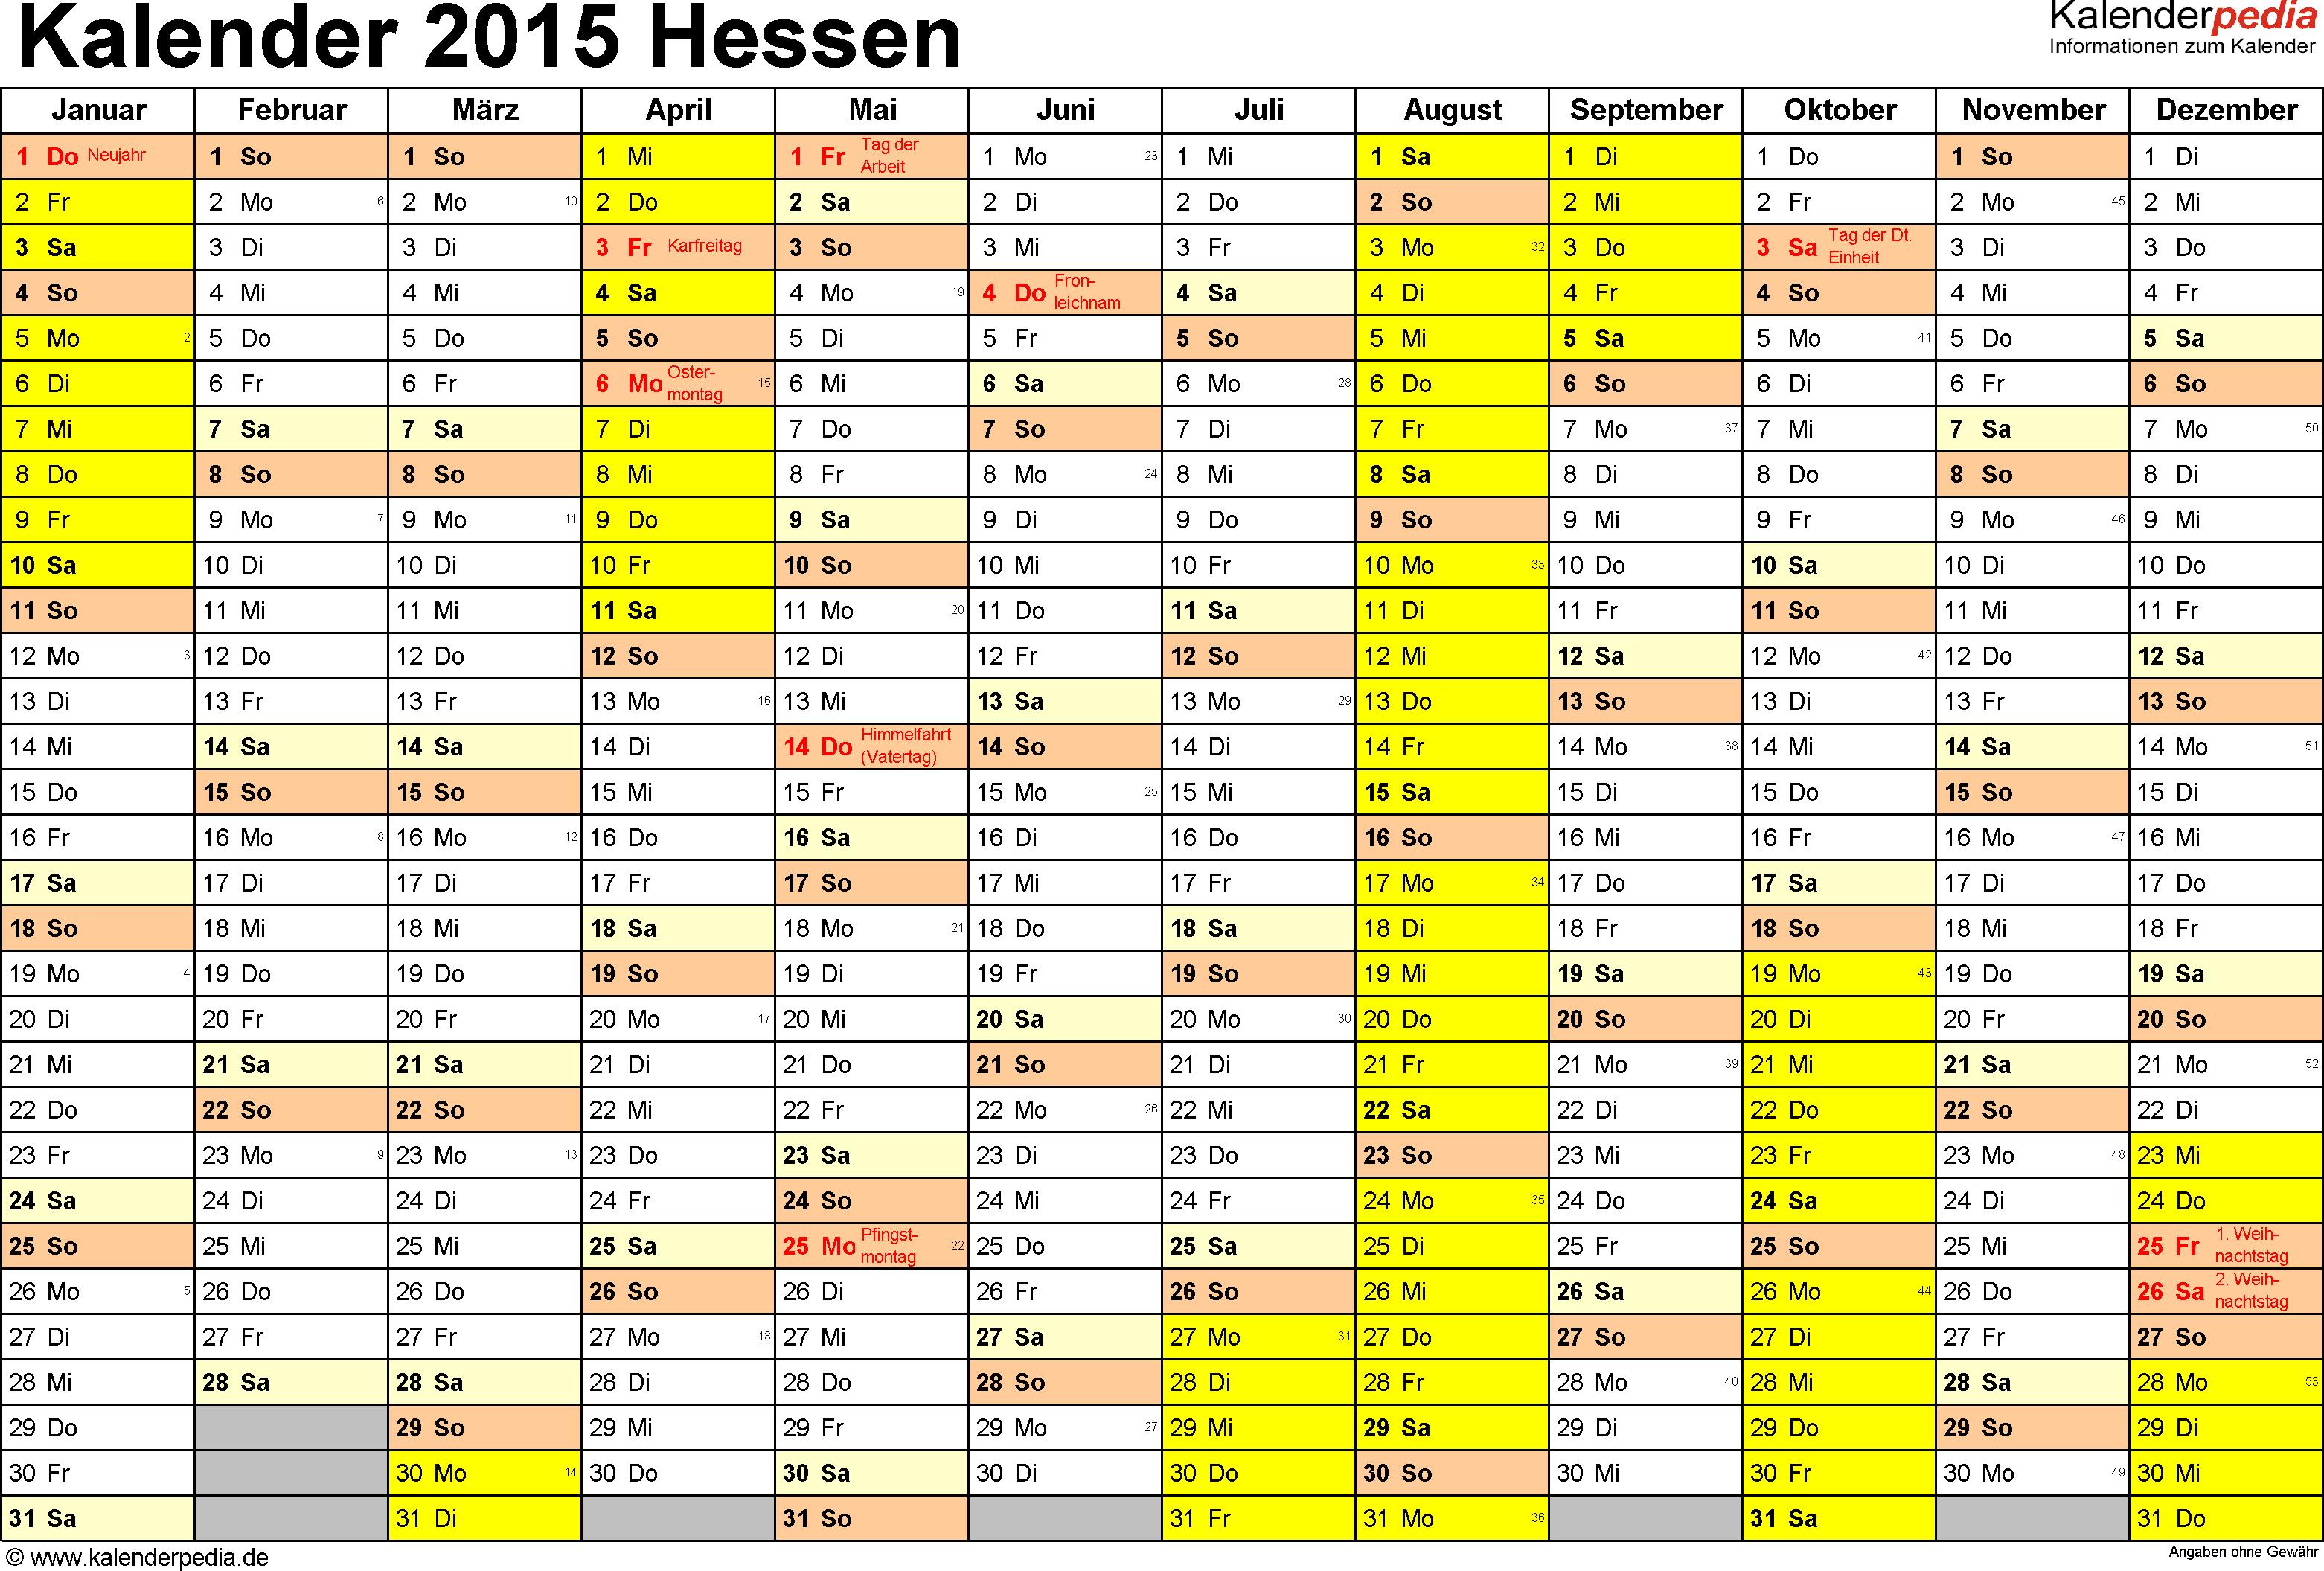 Vorlage 1: Kalender 2015 für Hessen als PDF-Vorlage (Querformat, 1 Seite)